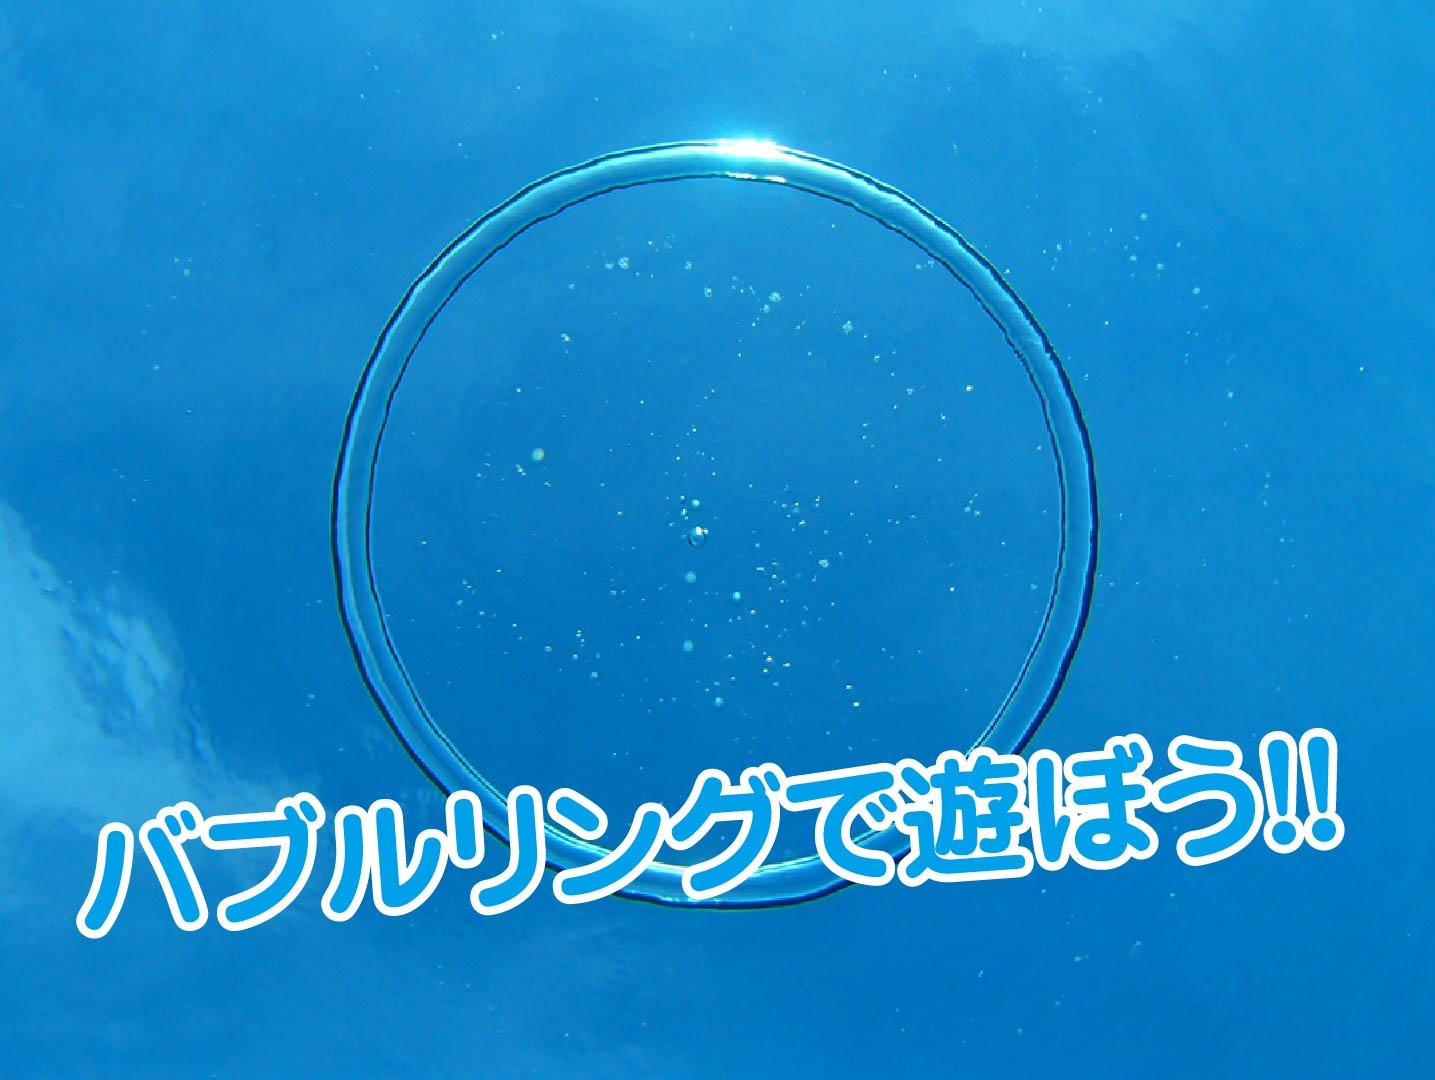 バブルリングで遊ぼう-01